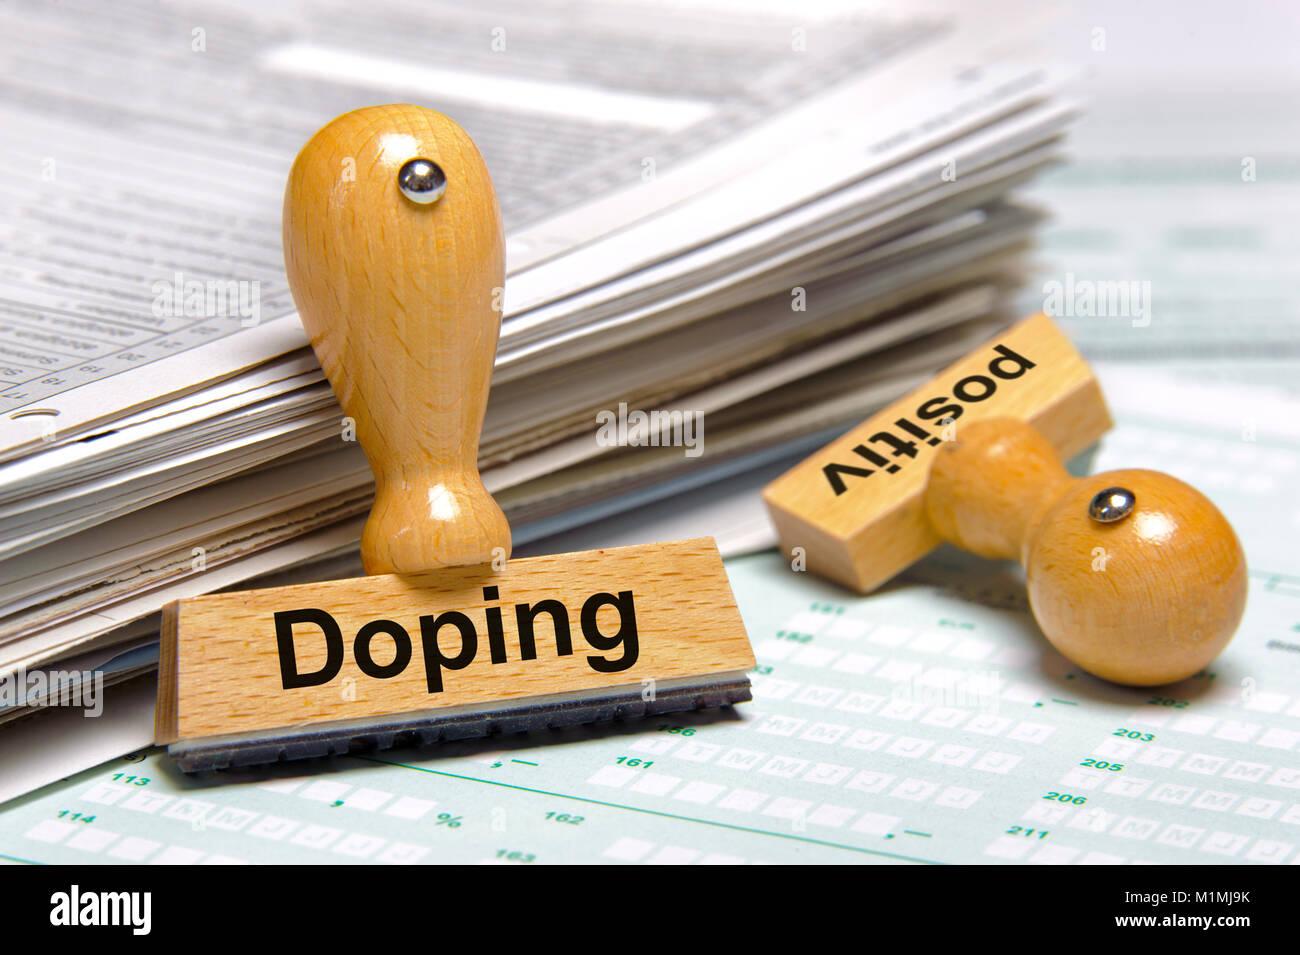 Im Dopingtest Sport Imagen De Stock